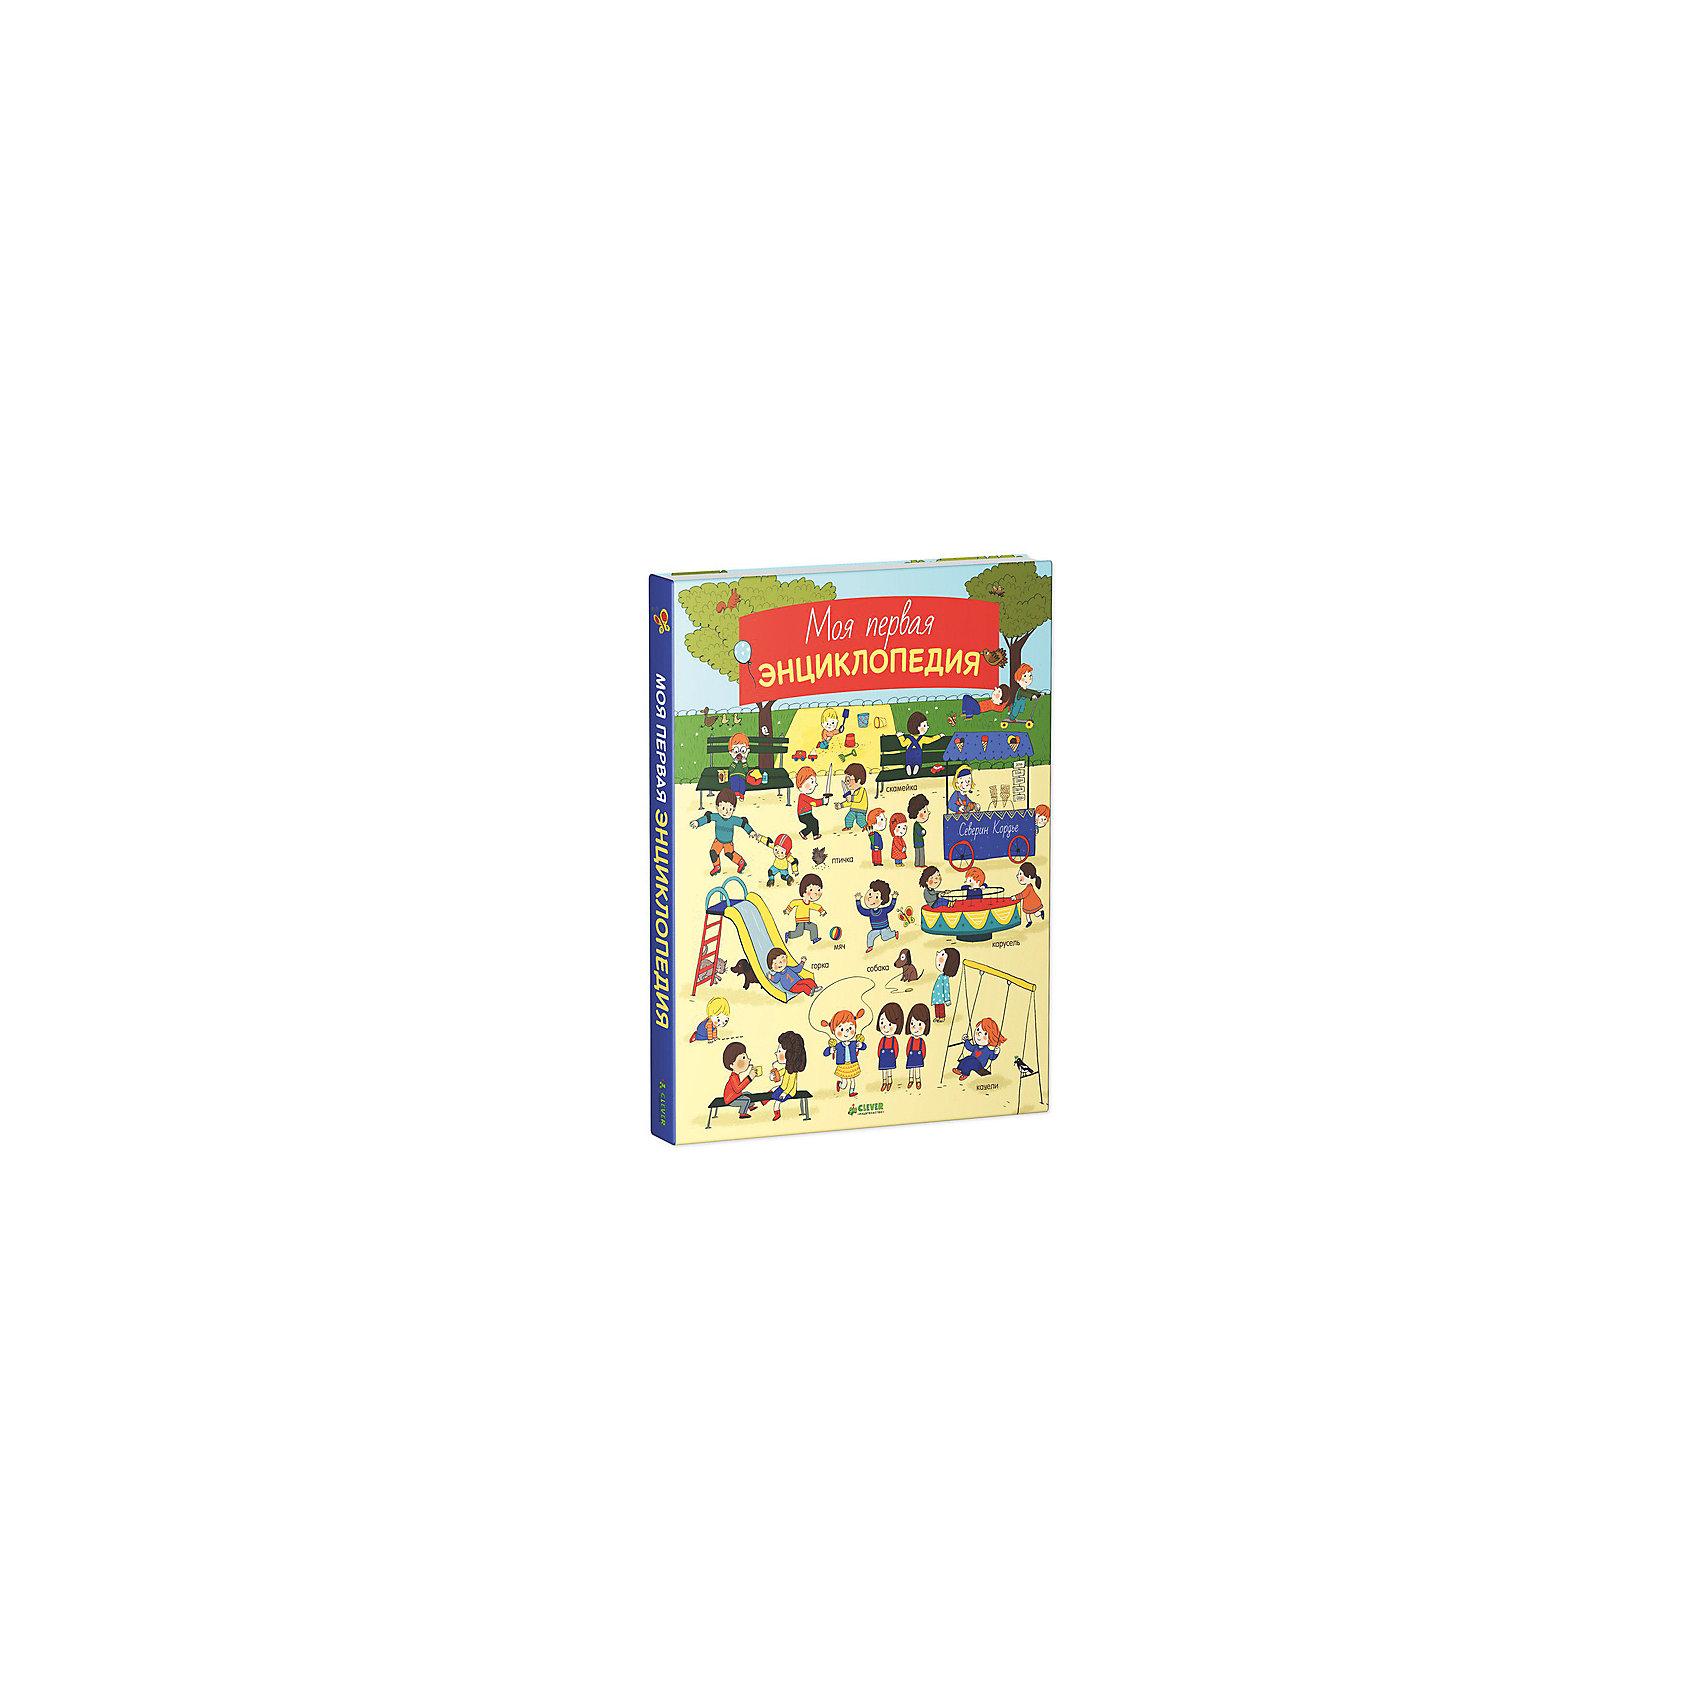 Моя первая энциклопедияЭта прекрасно иллюстрированная книжка совмещает в себе мини-энциклопедию окружающего мира и одновременно веселую игру «найди и покажи». 12 тем, 150 новых слов — все для того, чтобы ребенок весело и с удовольствием учился говорить, развивал внимательность, запоминал новые понятия. Каждый разворот посвящён тому, что ребёнок видит вокруг себя:<br>• в комнате <br>• в детском садике<br> • в парке <br>• на кухне <br>• в ванной комнате<br> • в лесу <br>• на пляже<br>• в деревне <br>• в горах<br> • на ферме<br> • в городе<br> • в небе<br><br>Дополнительная информация:<br><br>- тип обложки: 7Б - твердая (плотная бумага или картон)<br>- оформление: вырубка, частичная лакировка<br>- иллюстрации: цветные<br>- страниц: 26 картон<br>- масса: 956 гр.<br>- размеры: 32*26,5*2 см.<br><br>Книгу Моя первая энциклопедия можно купить в нашем интернет магазине<br><br>Ширина мм: 314<br>Глубина мм: 255<br>Высота мм: 15<br>Вес г: 932<br>Возраст от месяцев: 0<br>Возраст до месяцев: 36<br>Пол: Унисекс<br>Возраст: Детский<br>SKU: 4750676